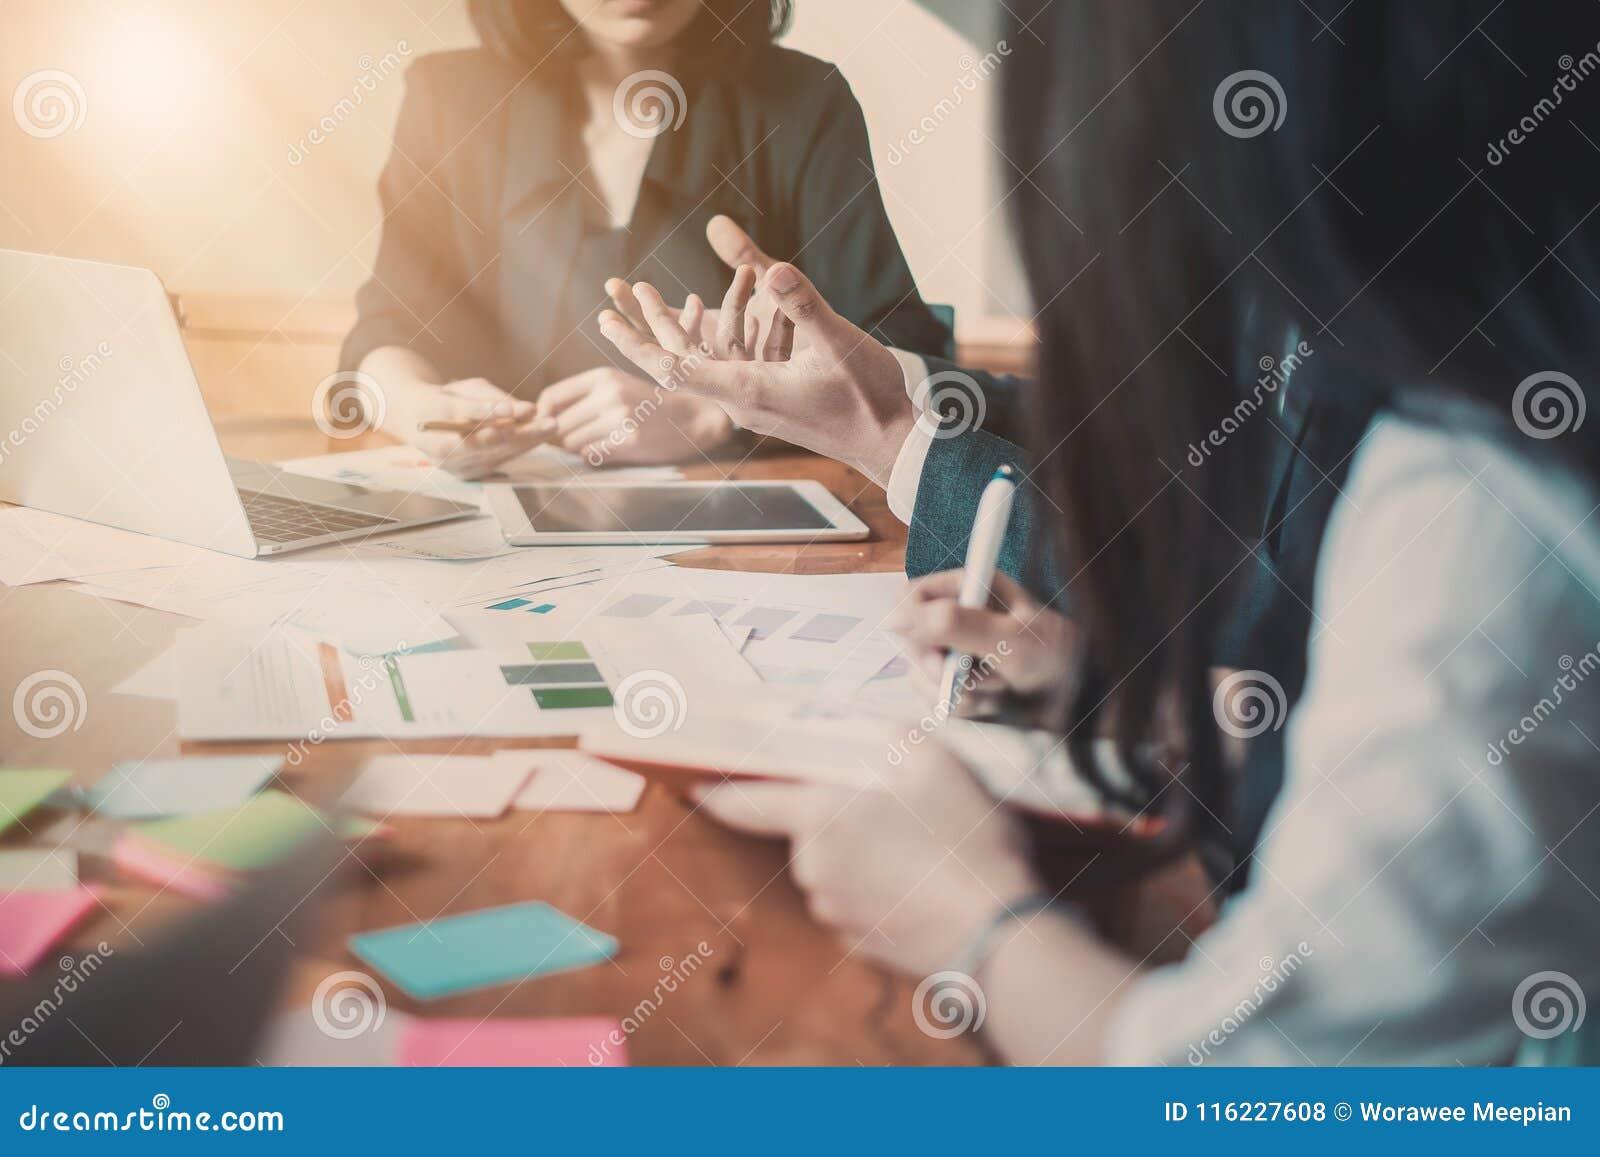 遇见设计想法概念的商人 小组投资者